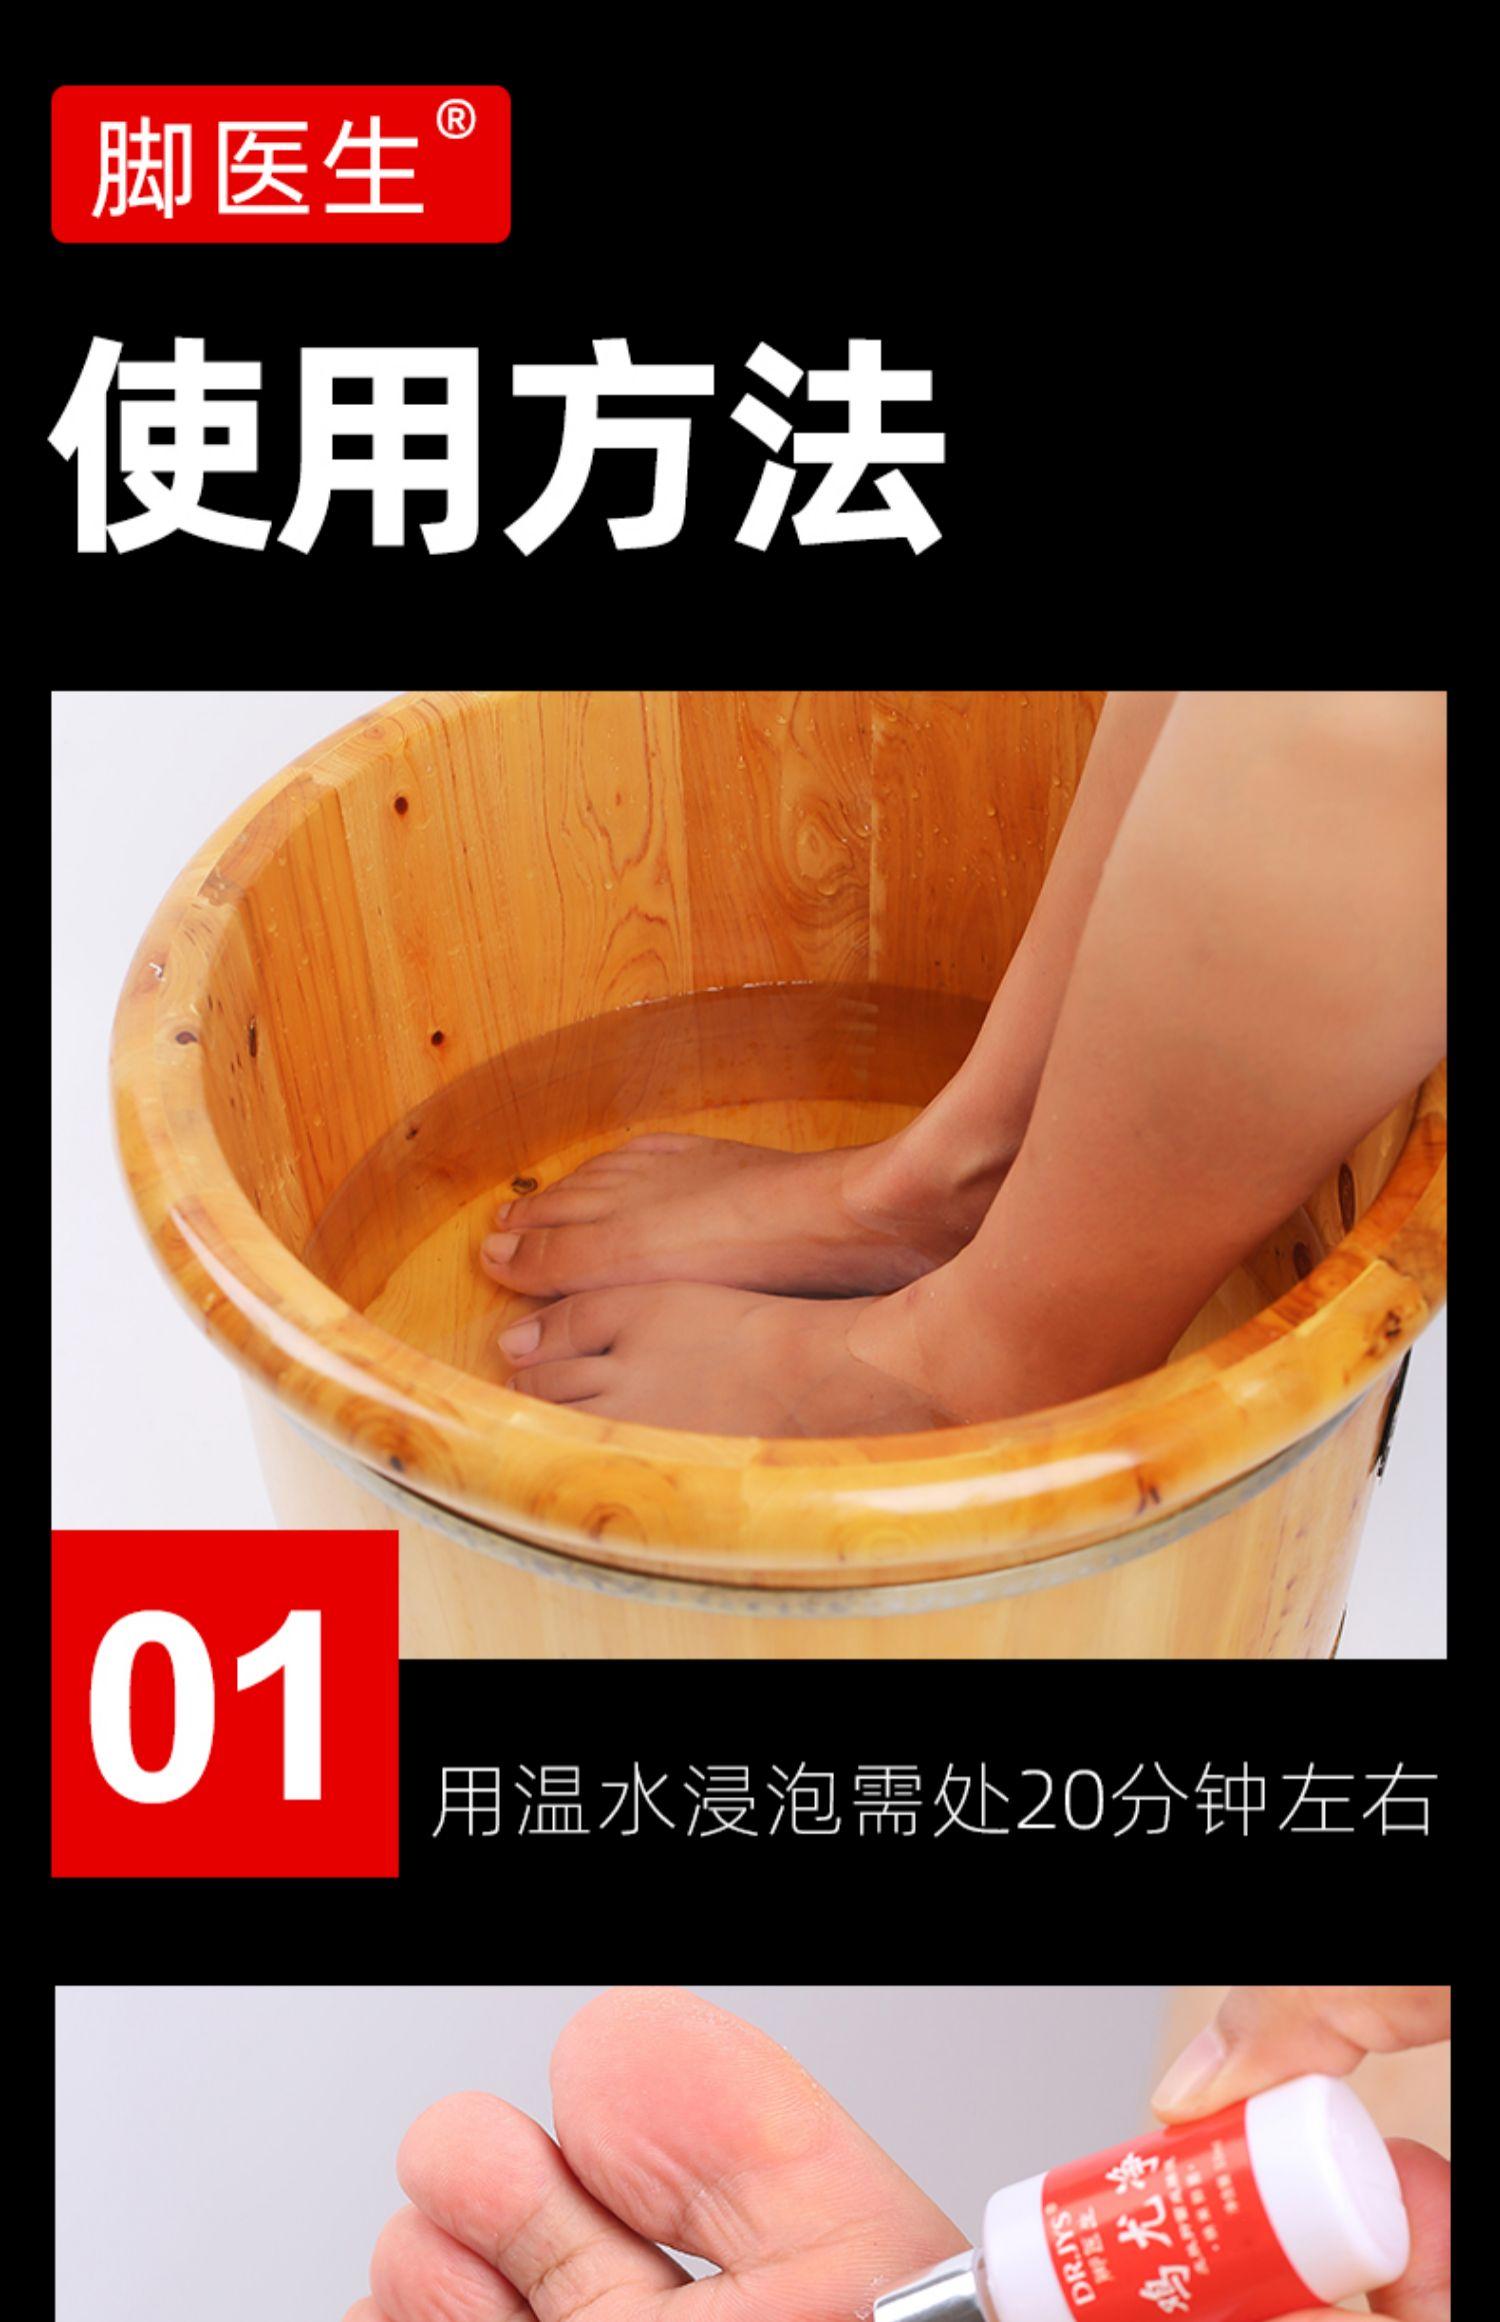 【脚医生】手脚抗菌剂净鸡眼老茧肉刺